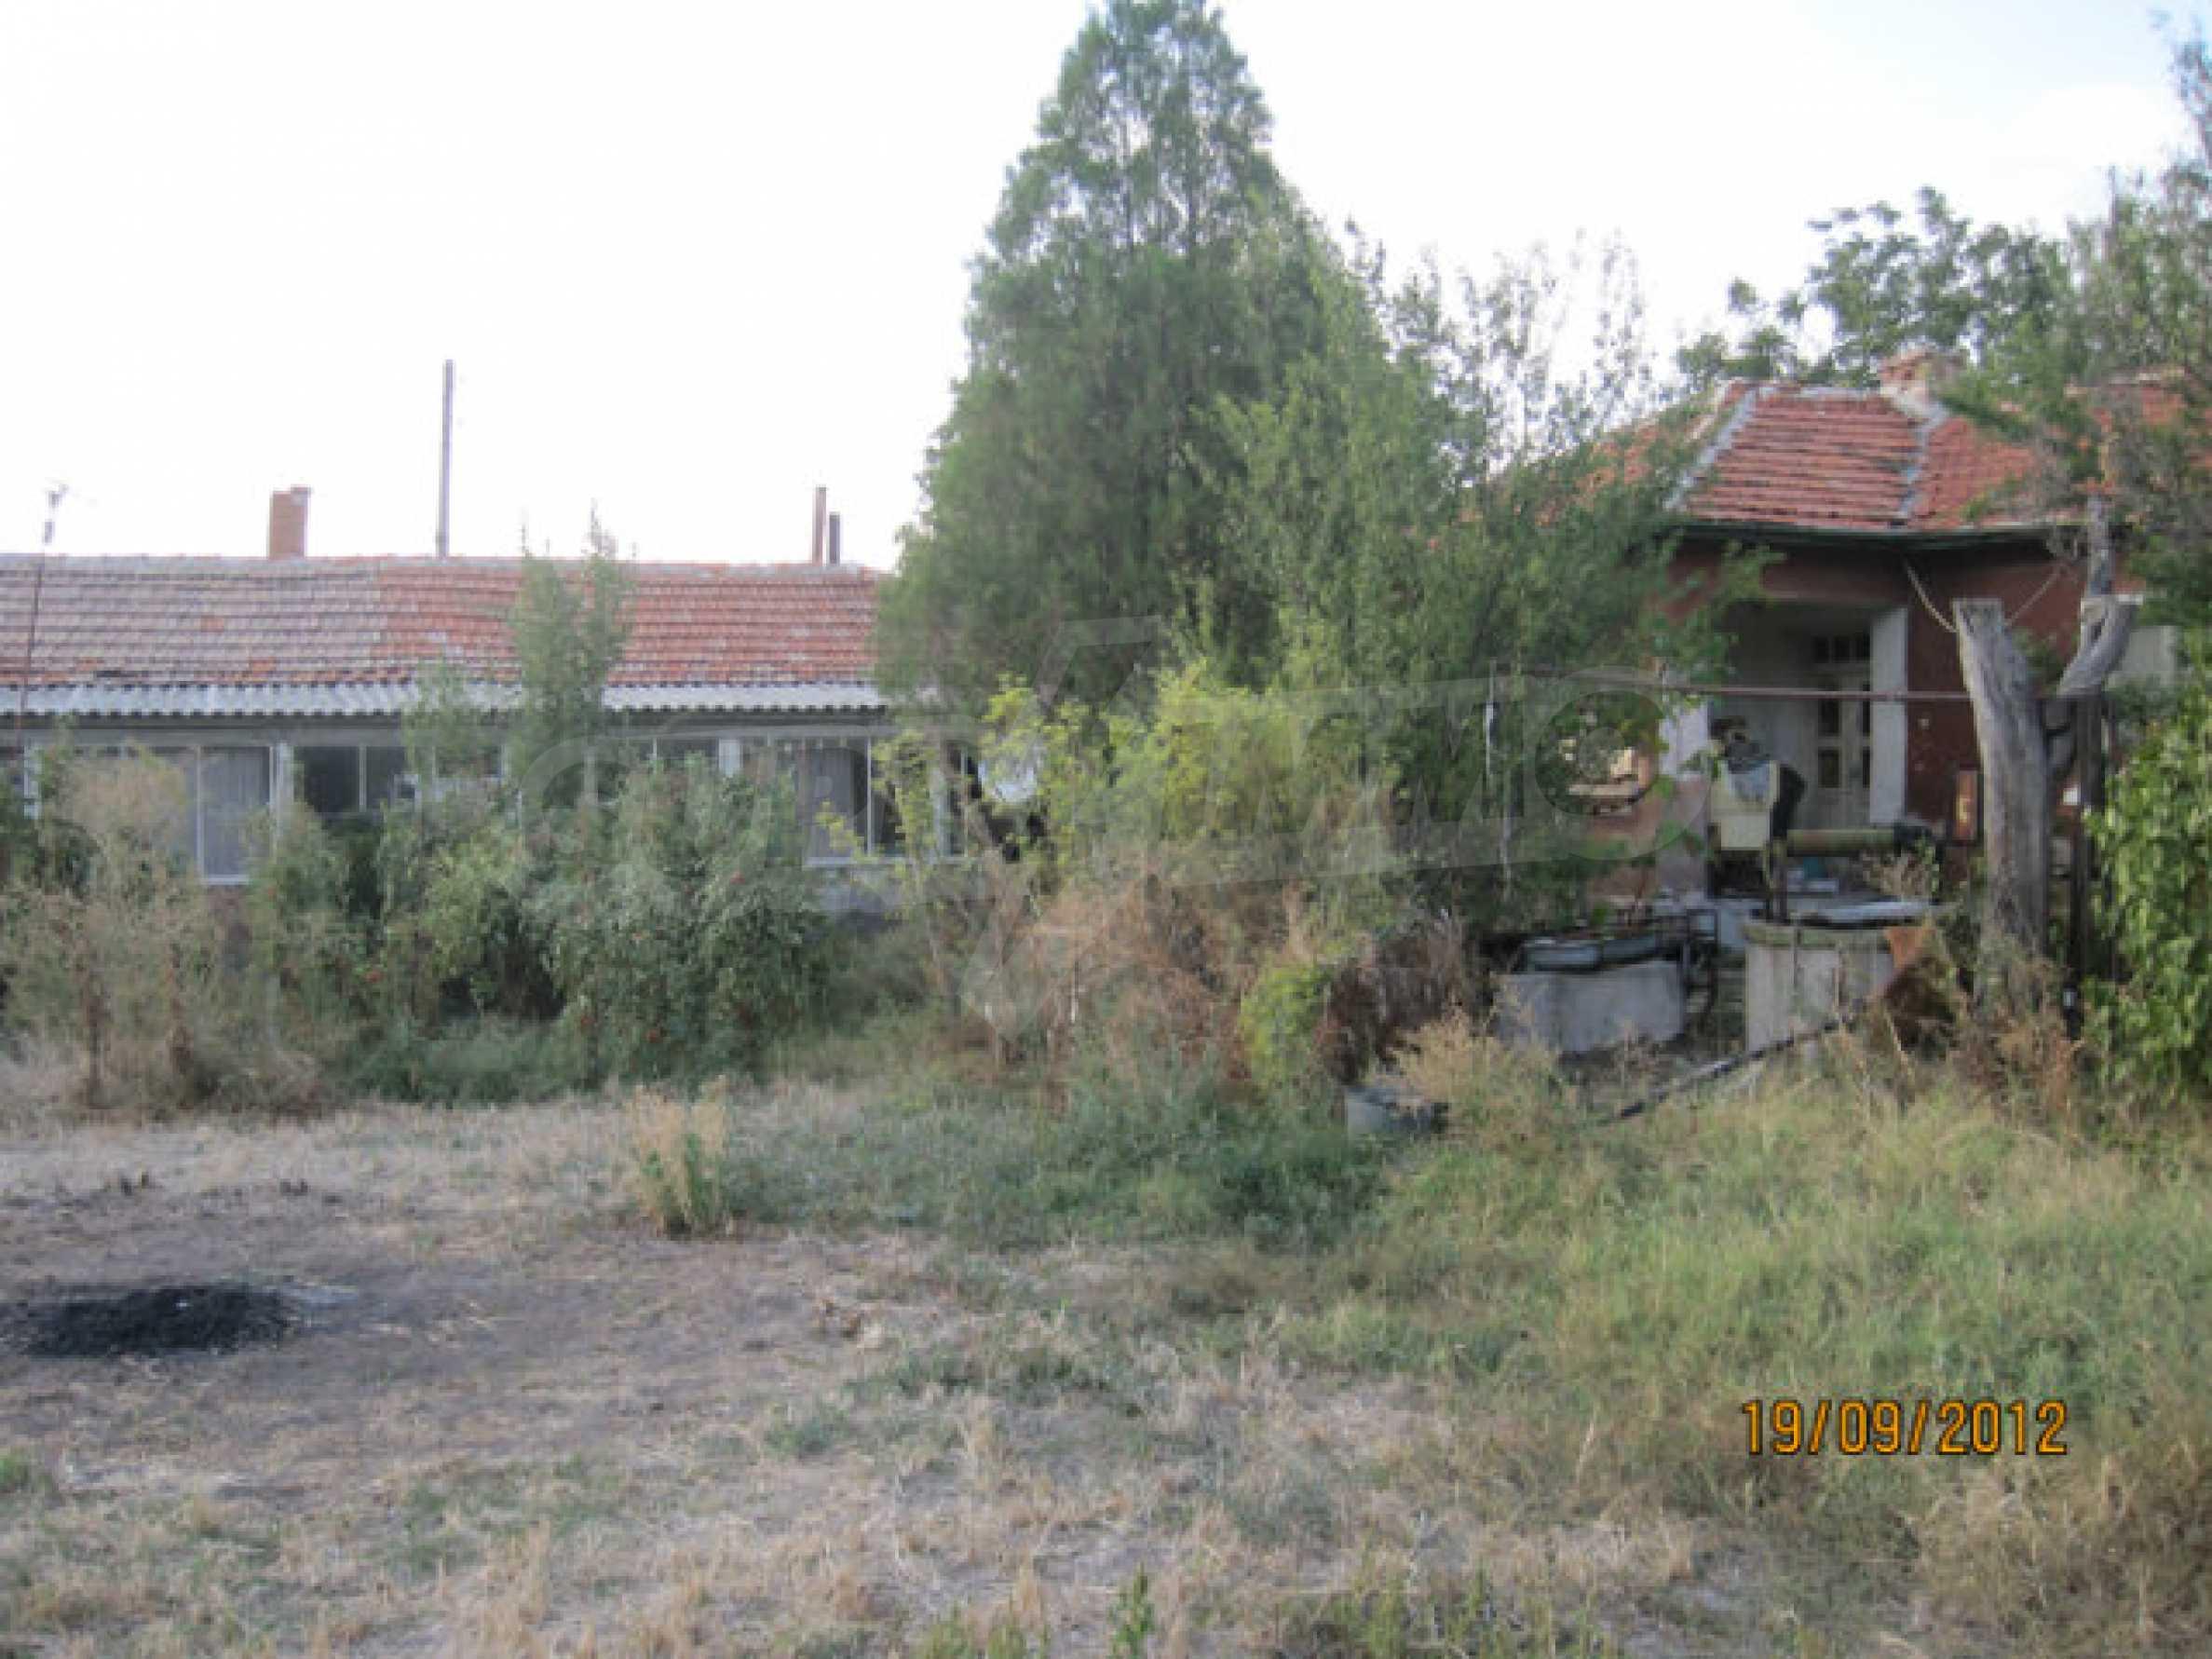 Einfamilienhaus mit Hof zum Verkauf in einem ruhigen Dorf in der Nähe von Dimitrovgrad 1